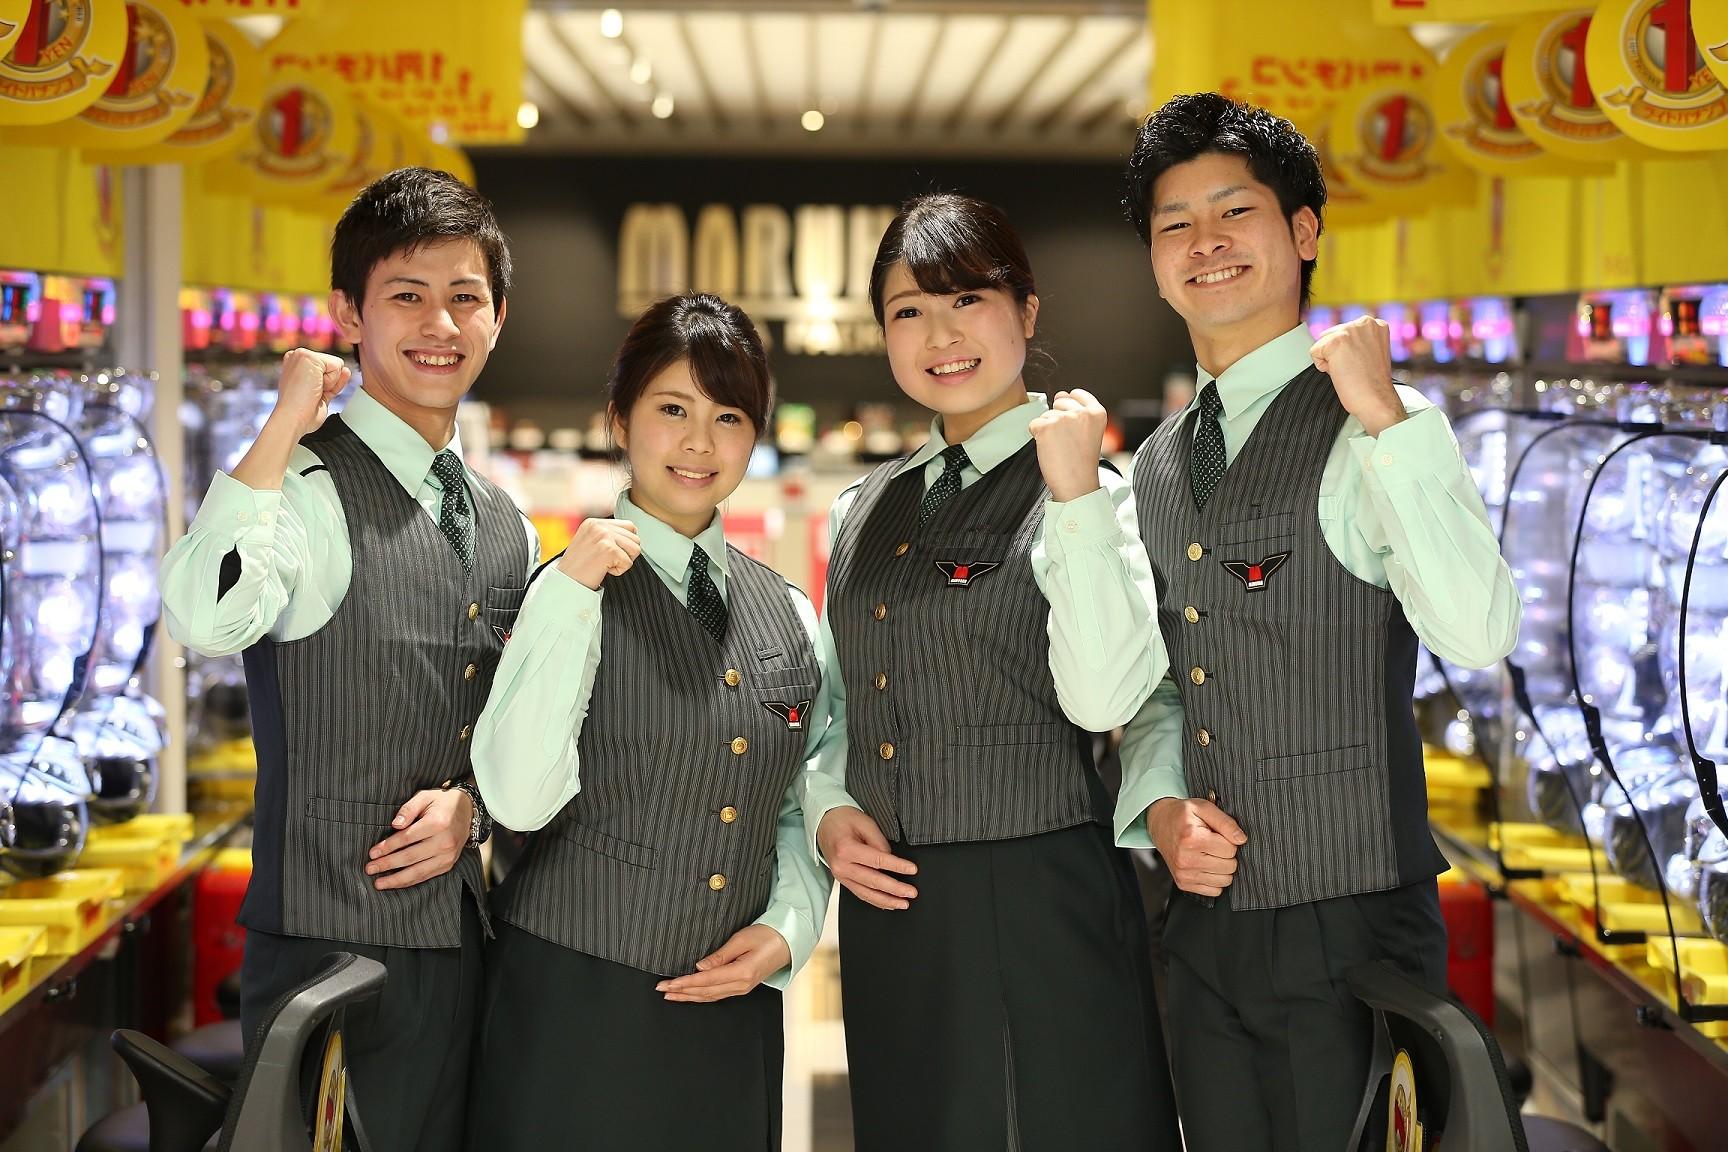 マルハン 室蘭店[0122]のアルバイト情報